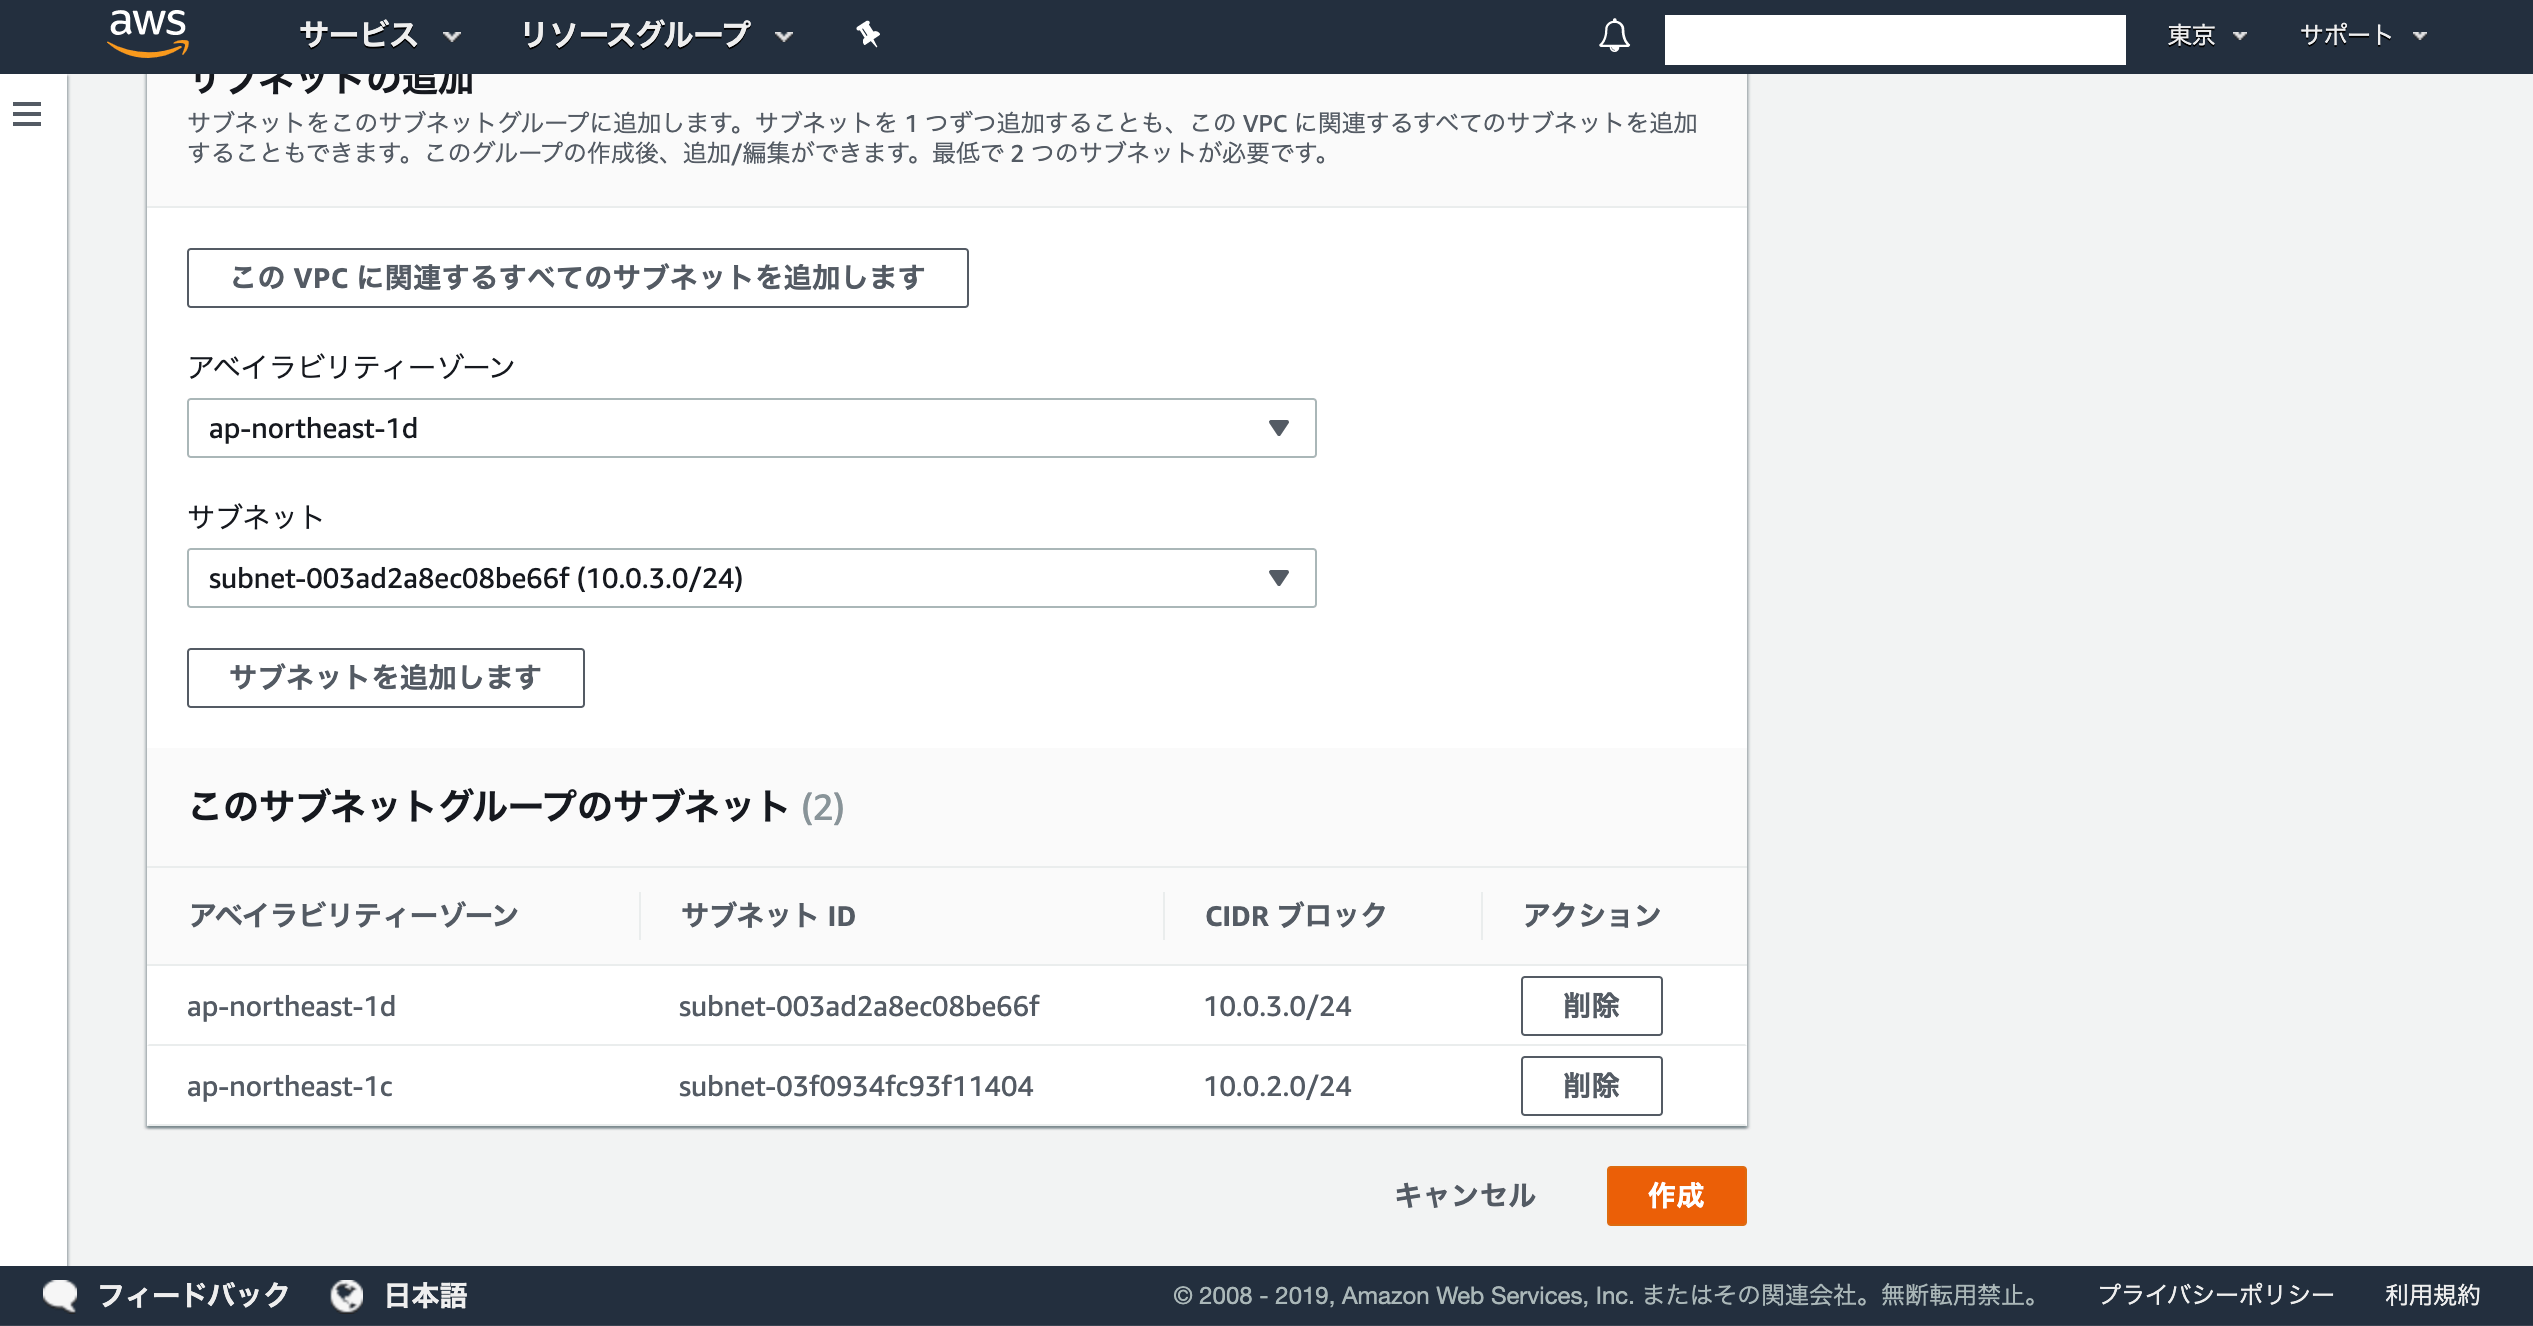 スクリーンショット 2019-09-26 2.01.03.png